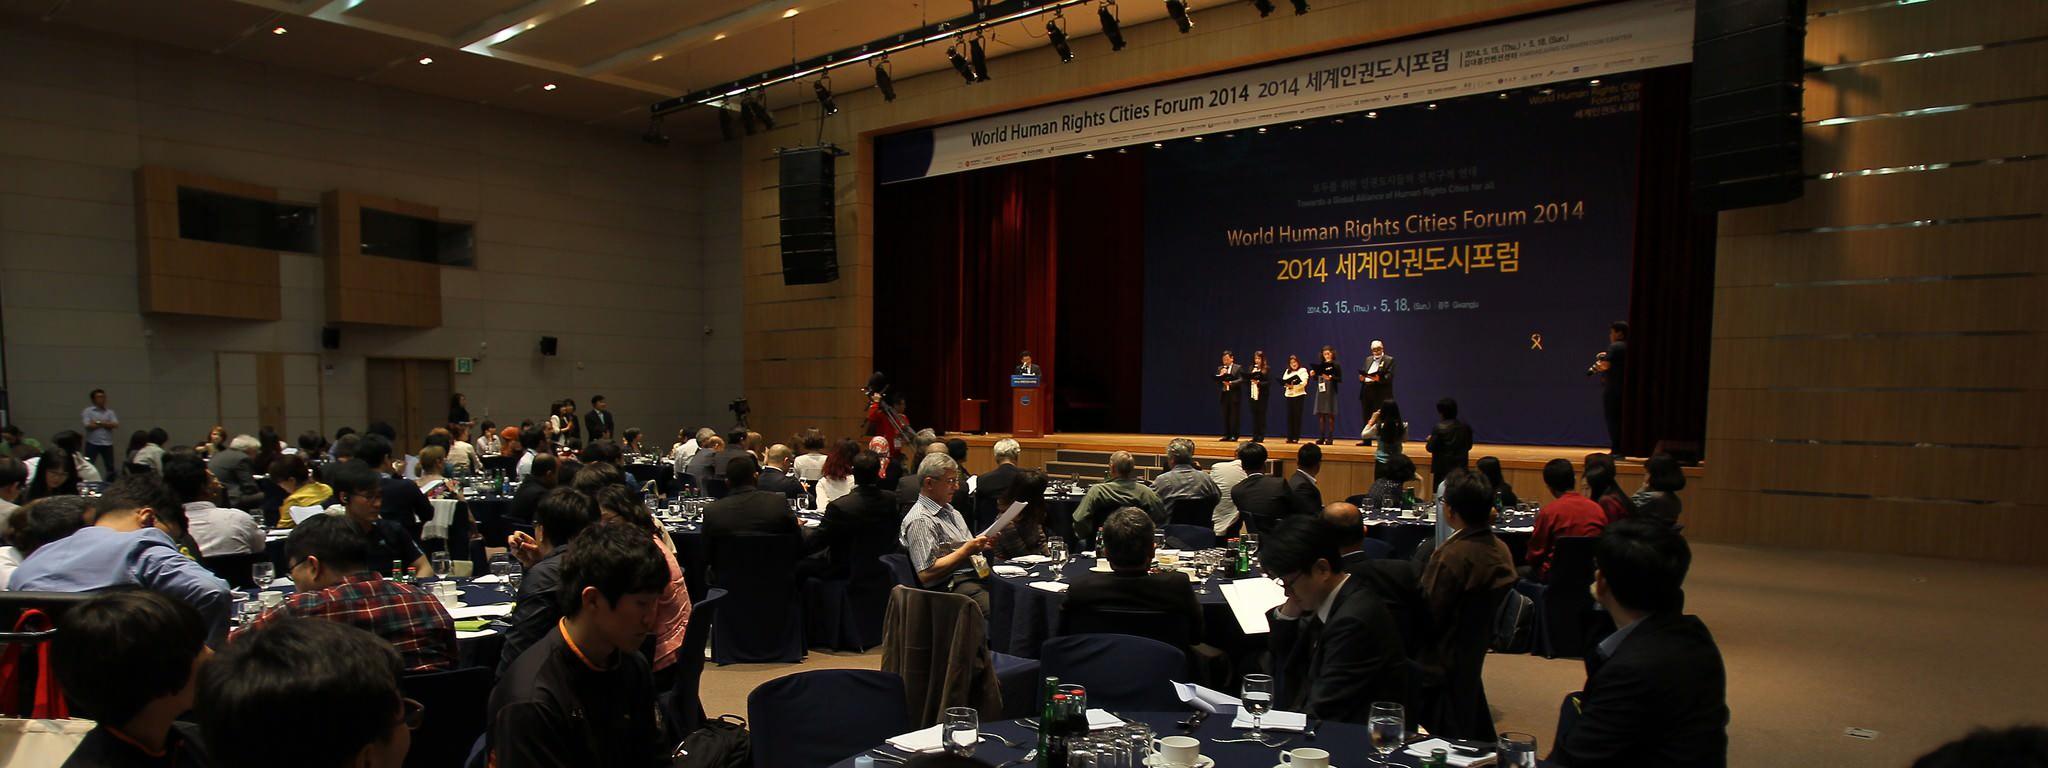 4ème Forum mondial des villes des droits humains. Gwangju, 2014